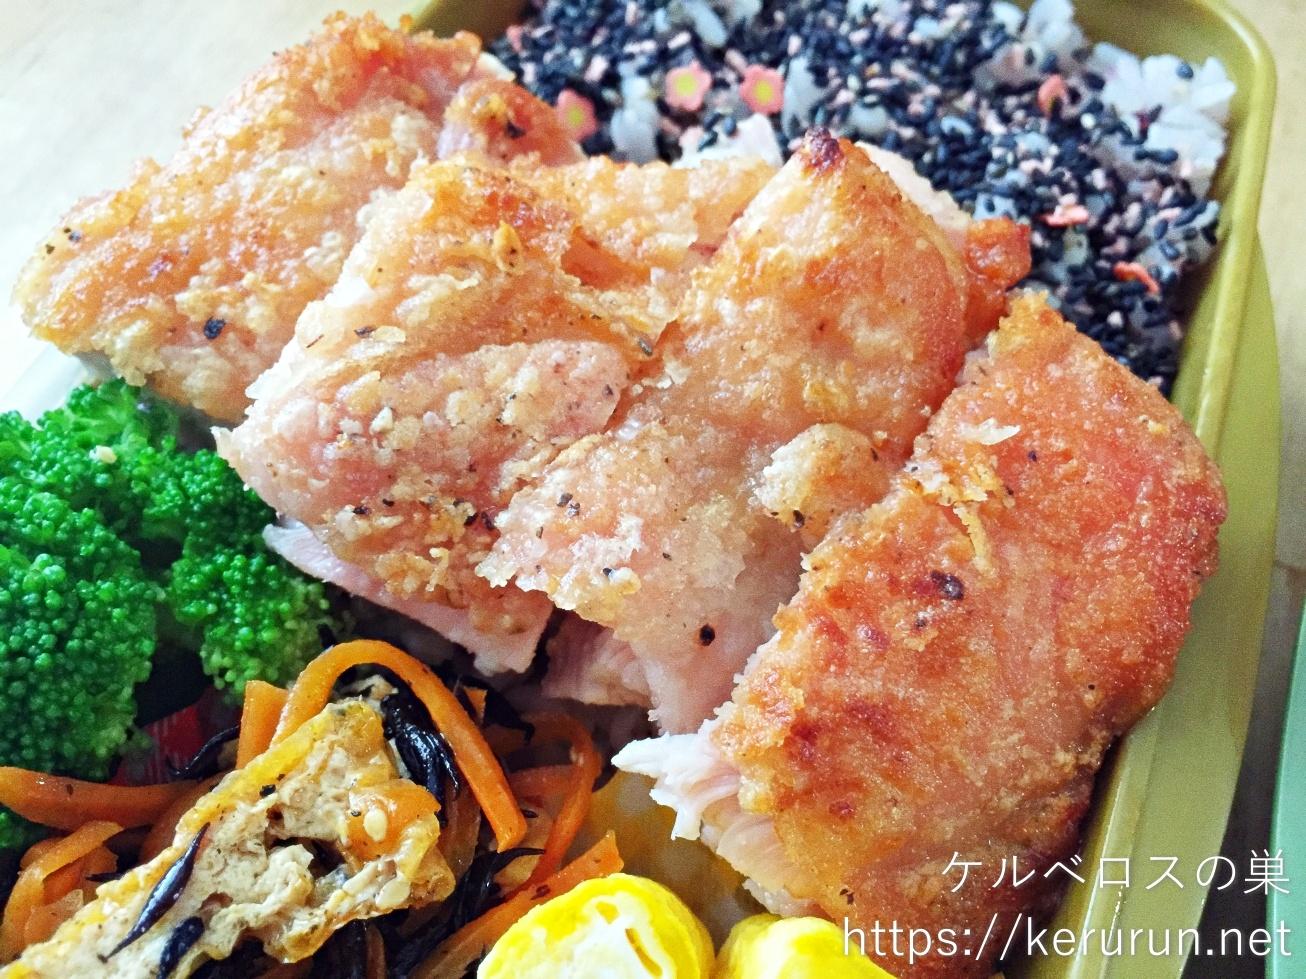 鶏モモ肉のグリル弁当